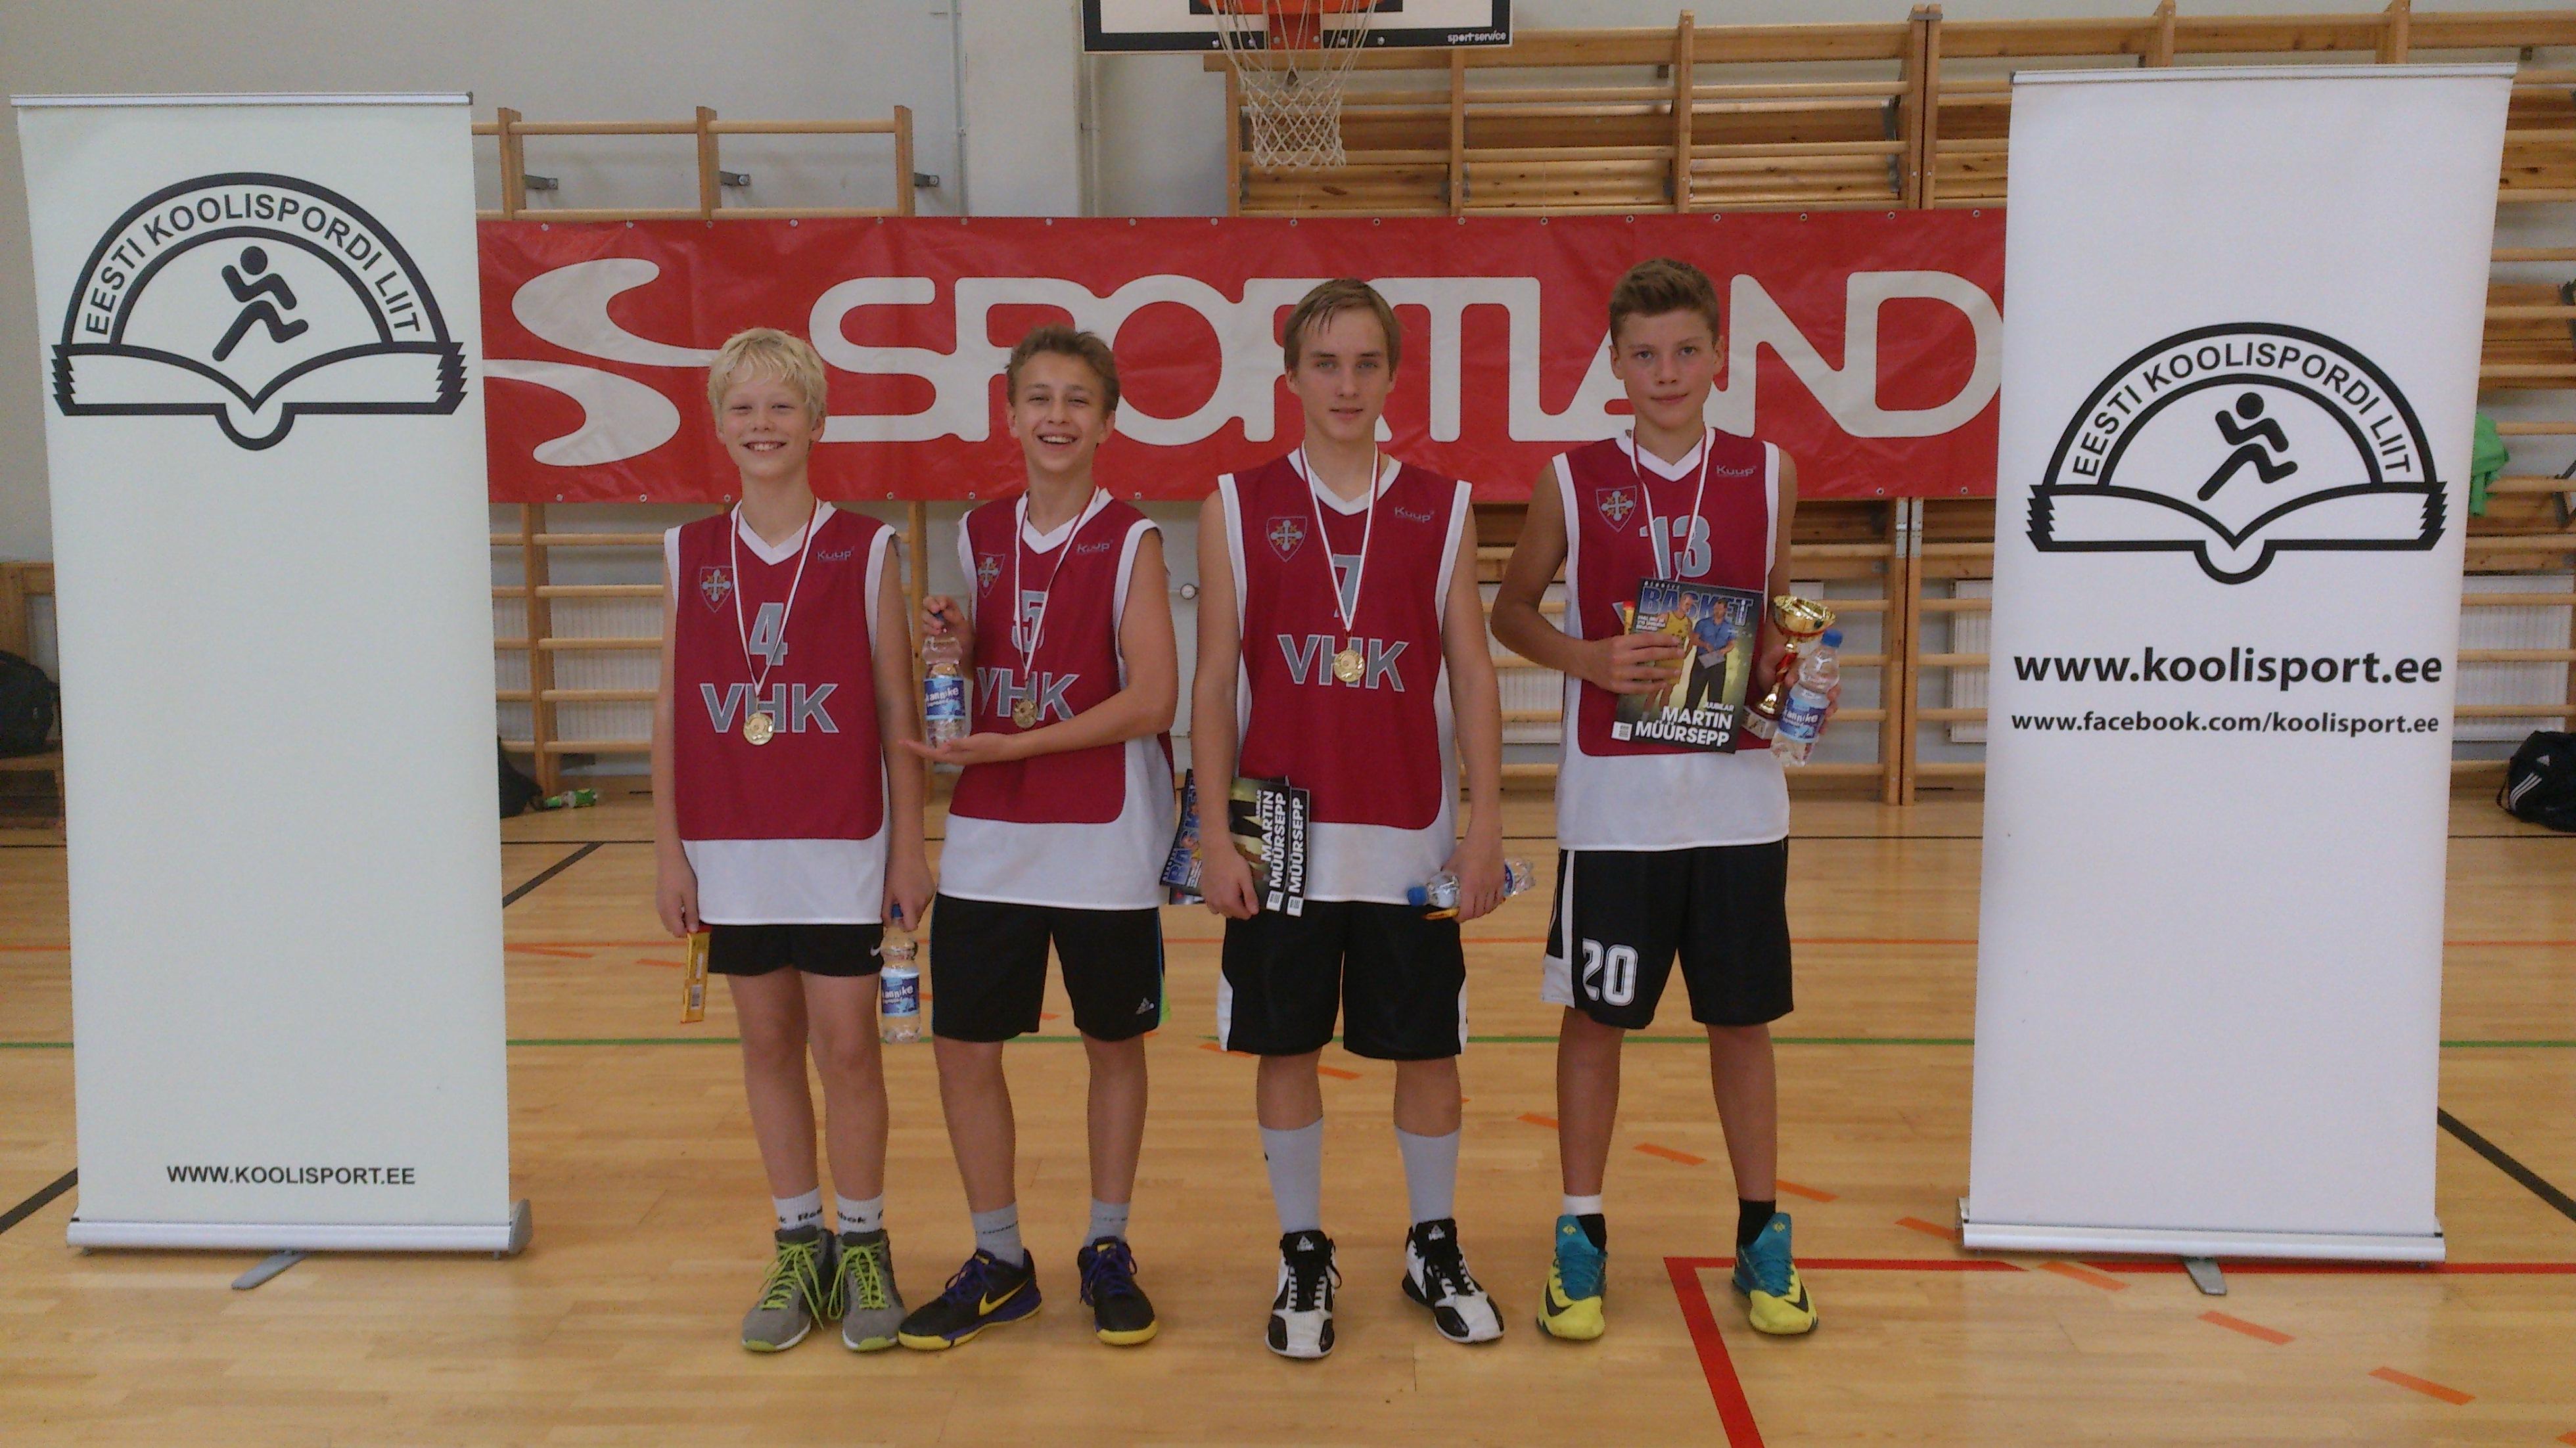 Sportland 3x3 korvpallisarja Tallinna etapil mõlemad poiste vanuseklasside võidud VHK korvpallipoistele!